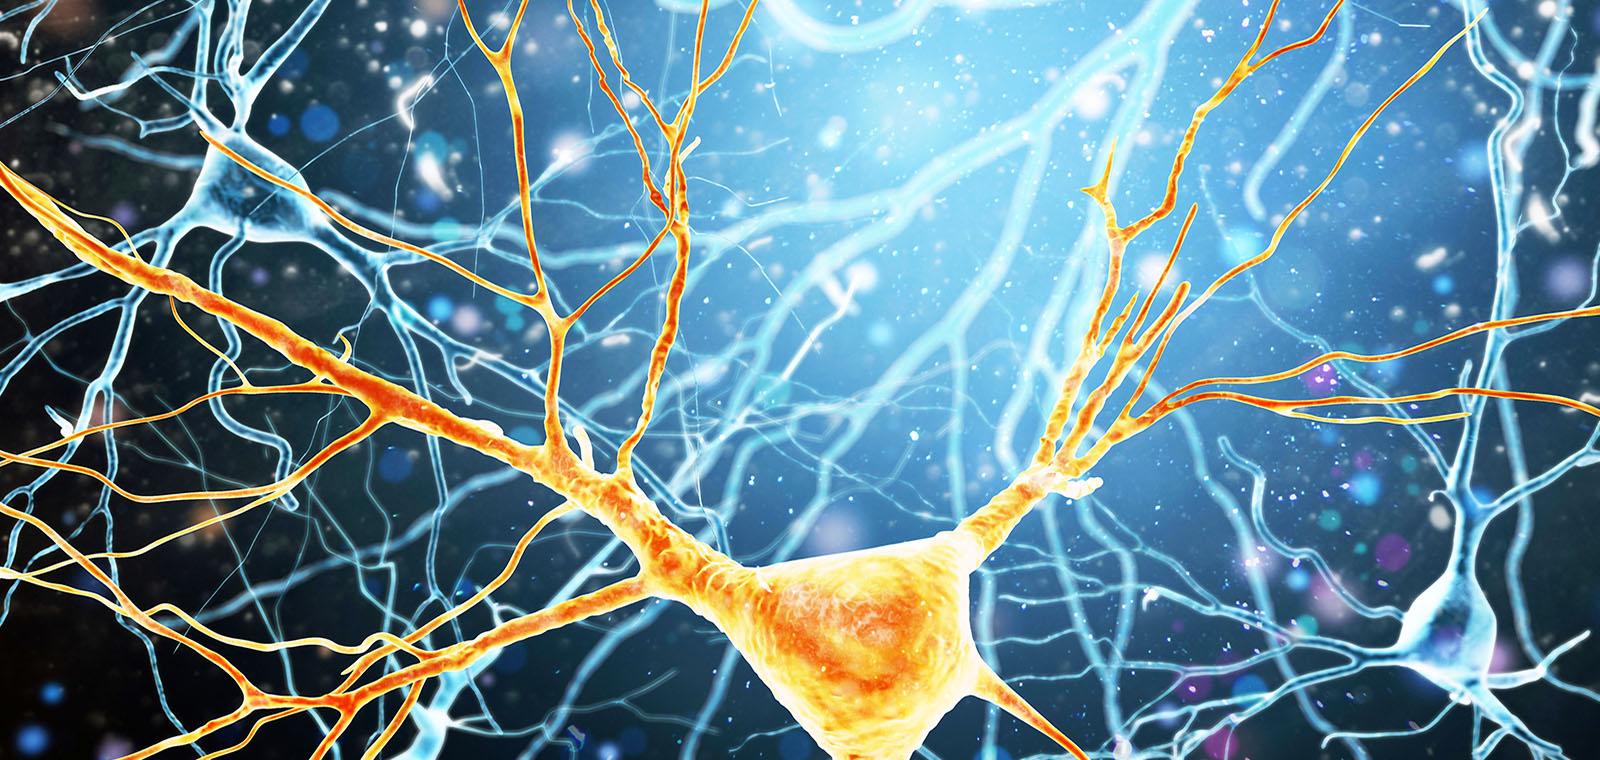 Human Brain Neurons